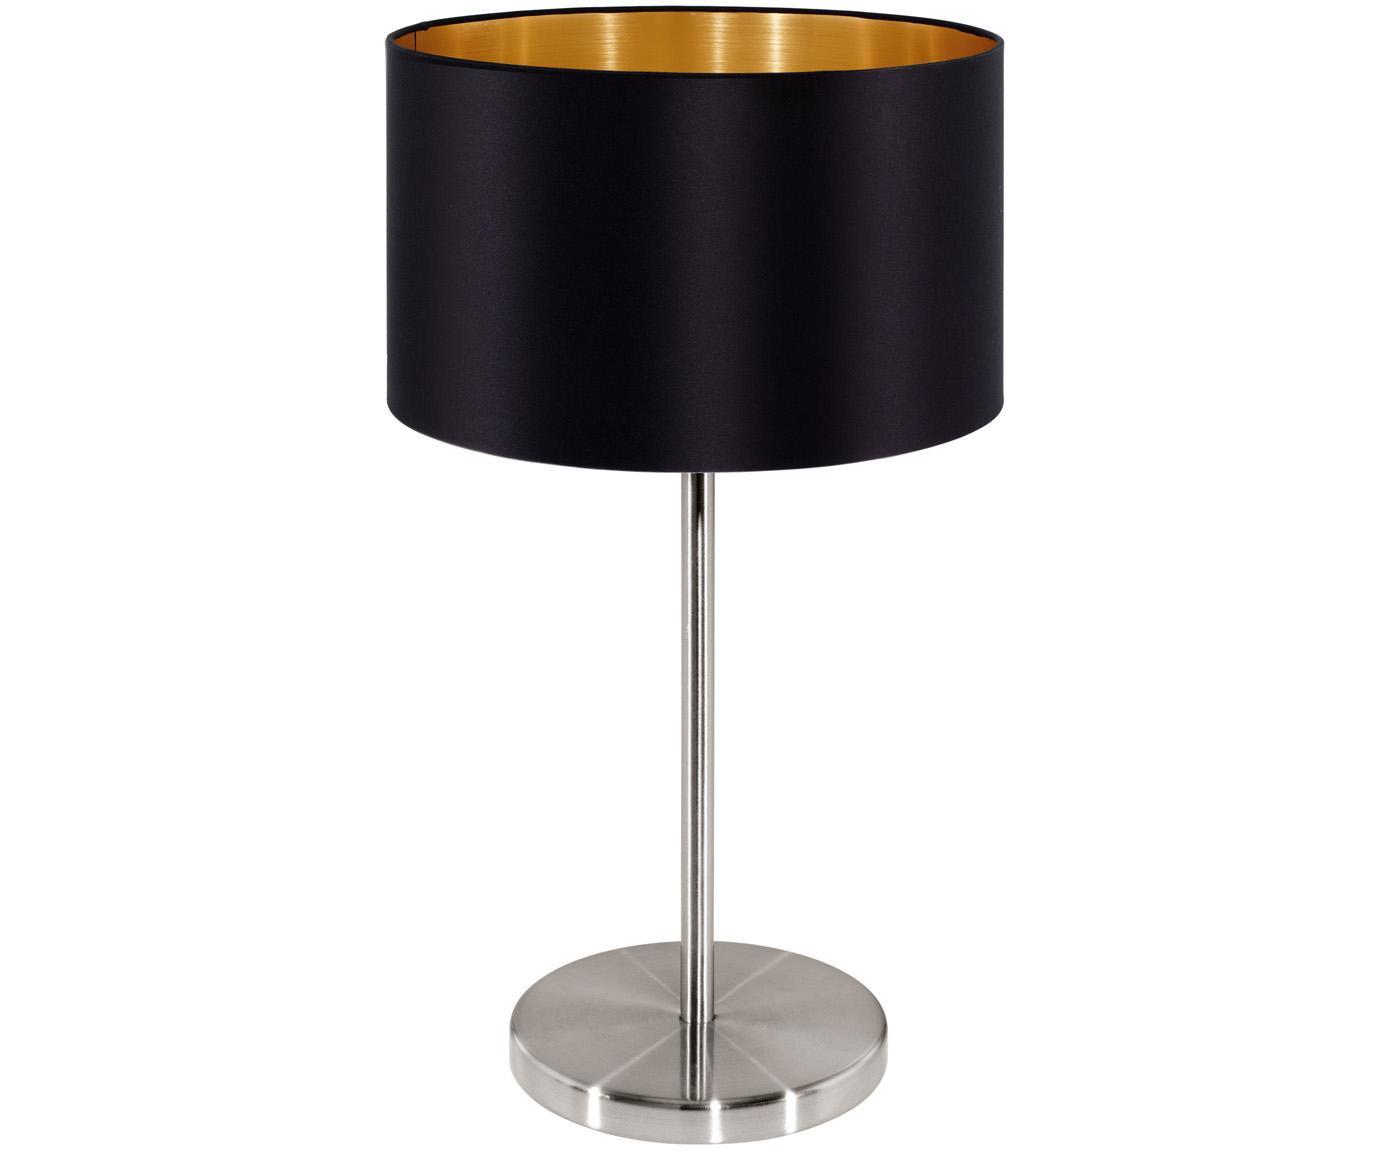 Tischleuchte Jamie, Schwarz,Silberfarben, ∅ 23 x H 42 cm